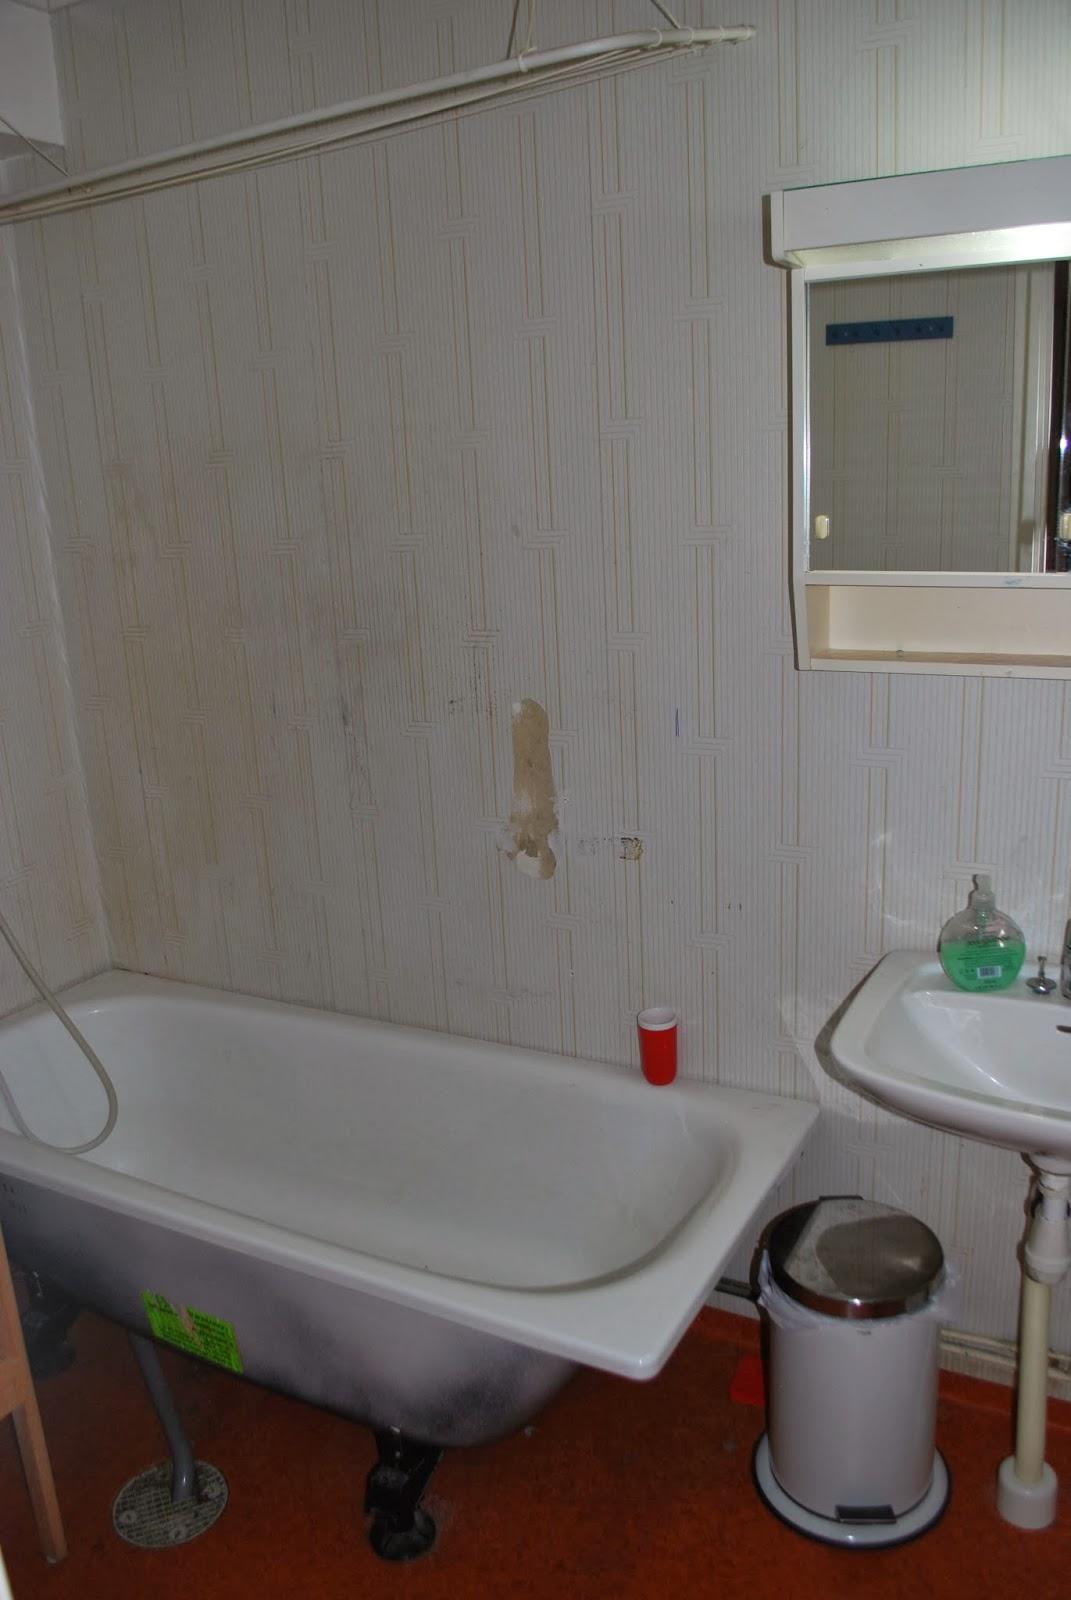 fLoRafiE, Sophie´s Vardag: Resultatet av vårt nya badrum!